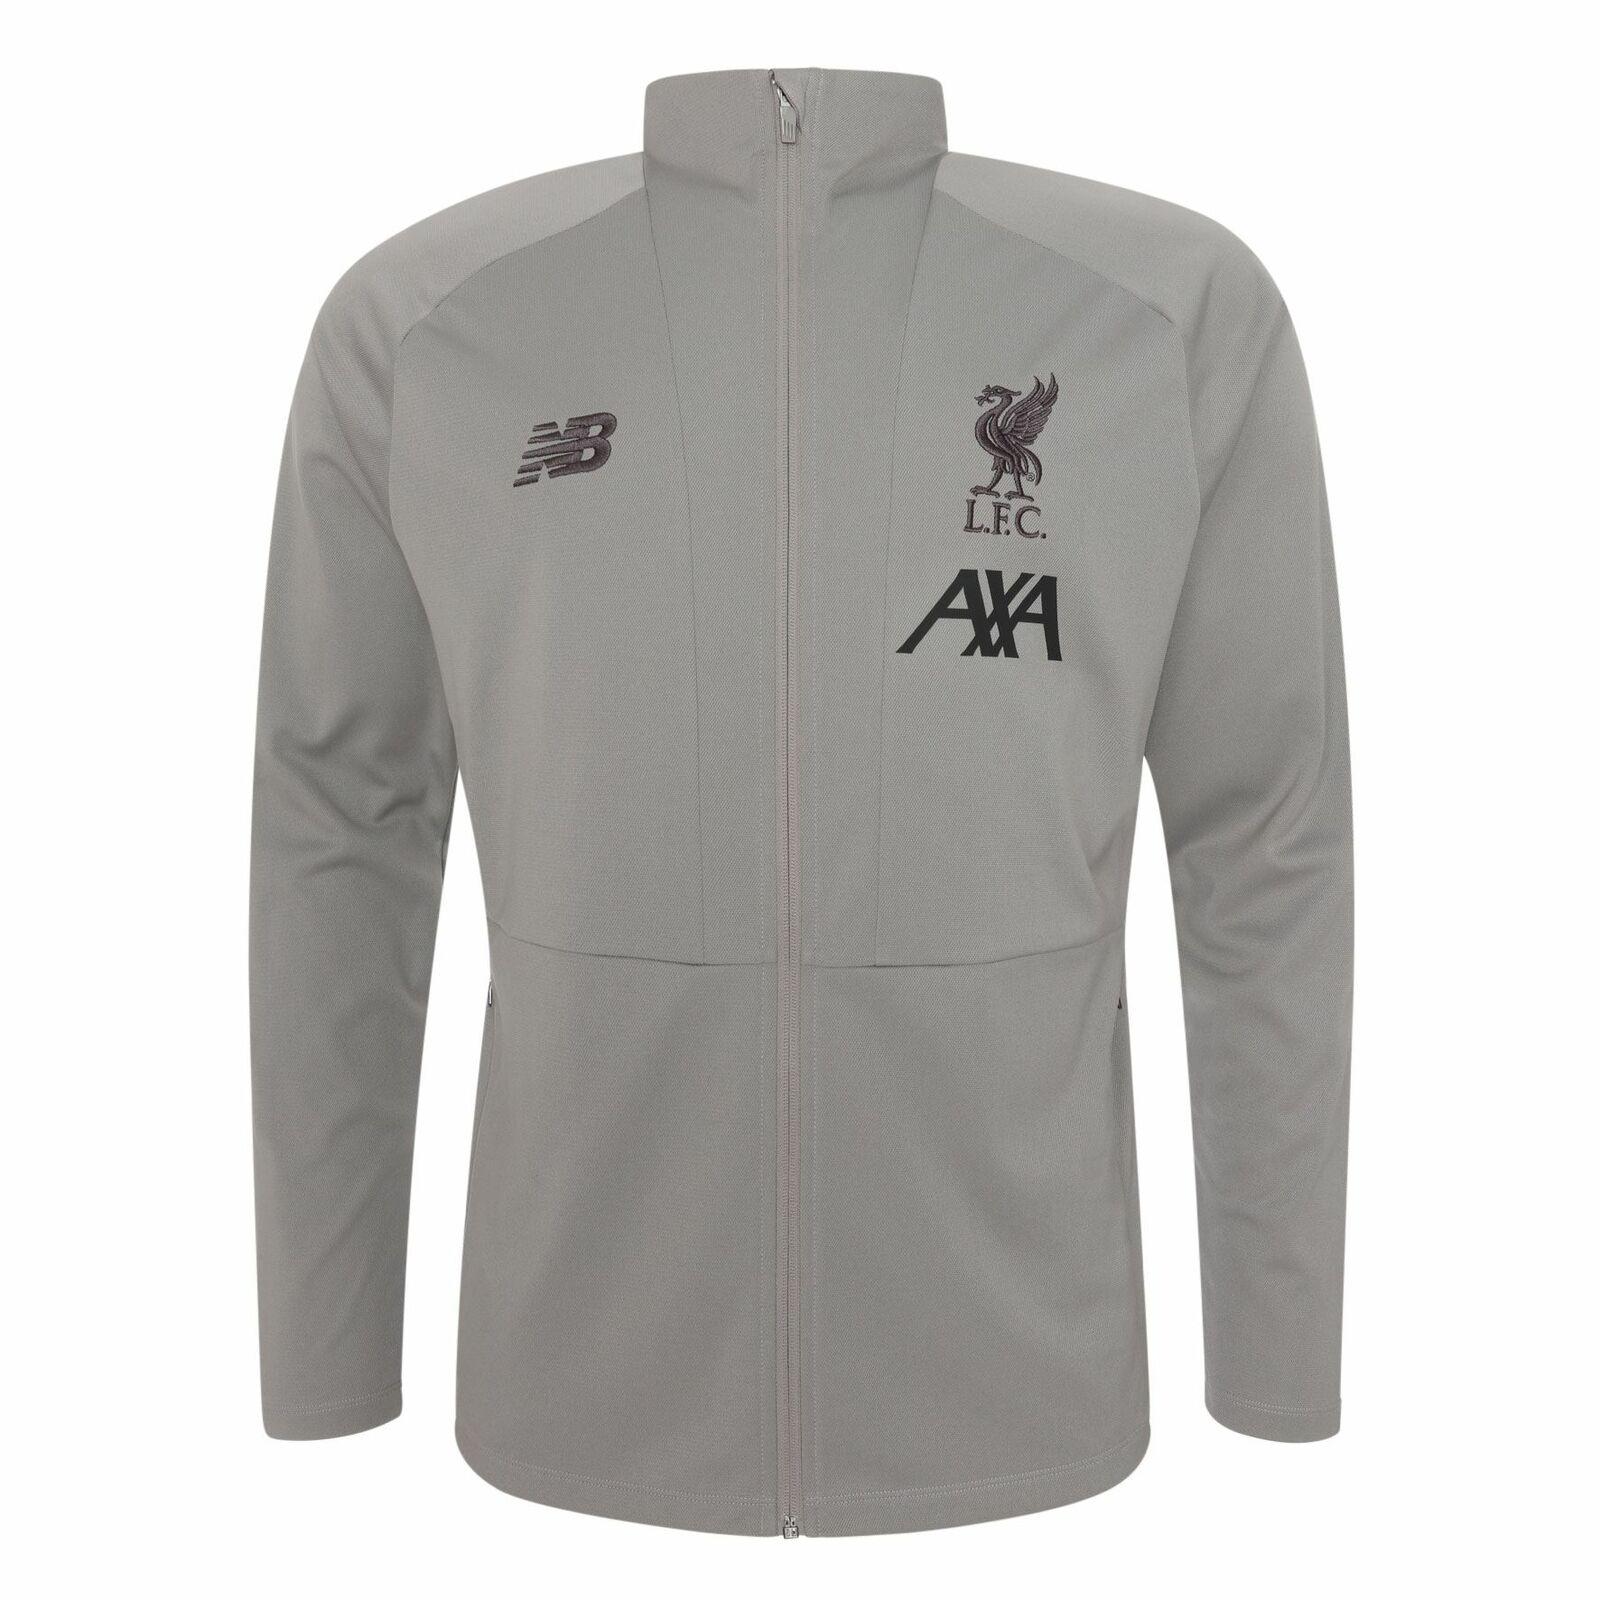 Liverpool FC grises Para Hombre Chaqueta de punto de viaje de entrenamiento fútbol 19 20 LFC oficial